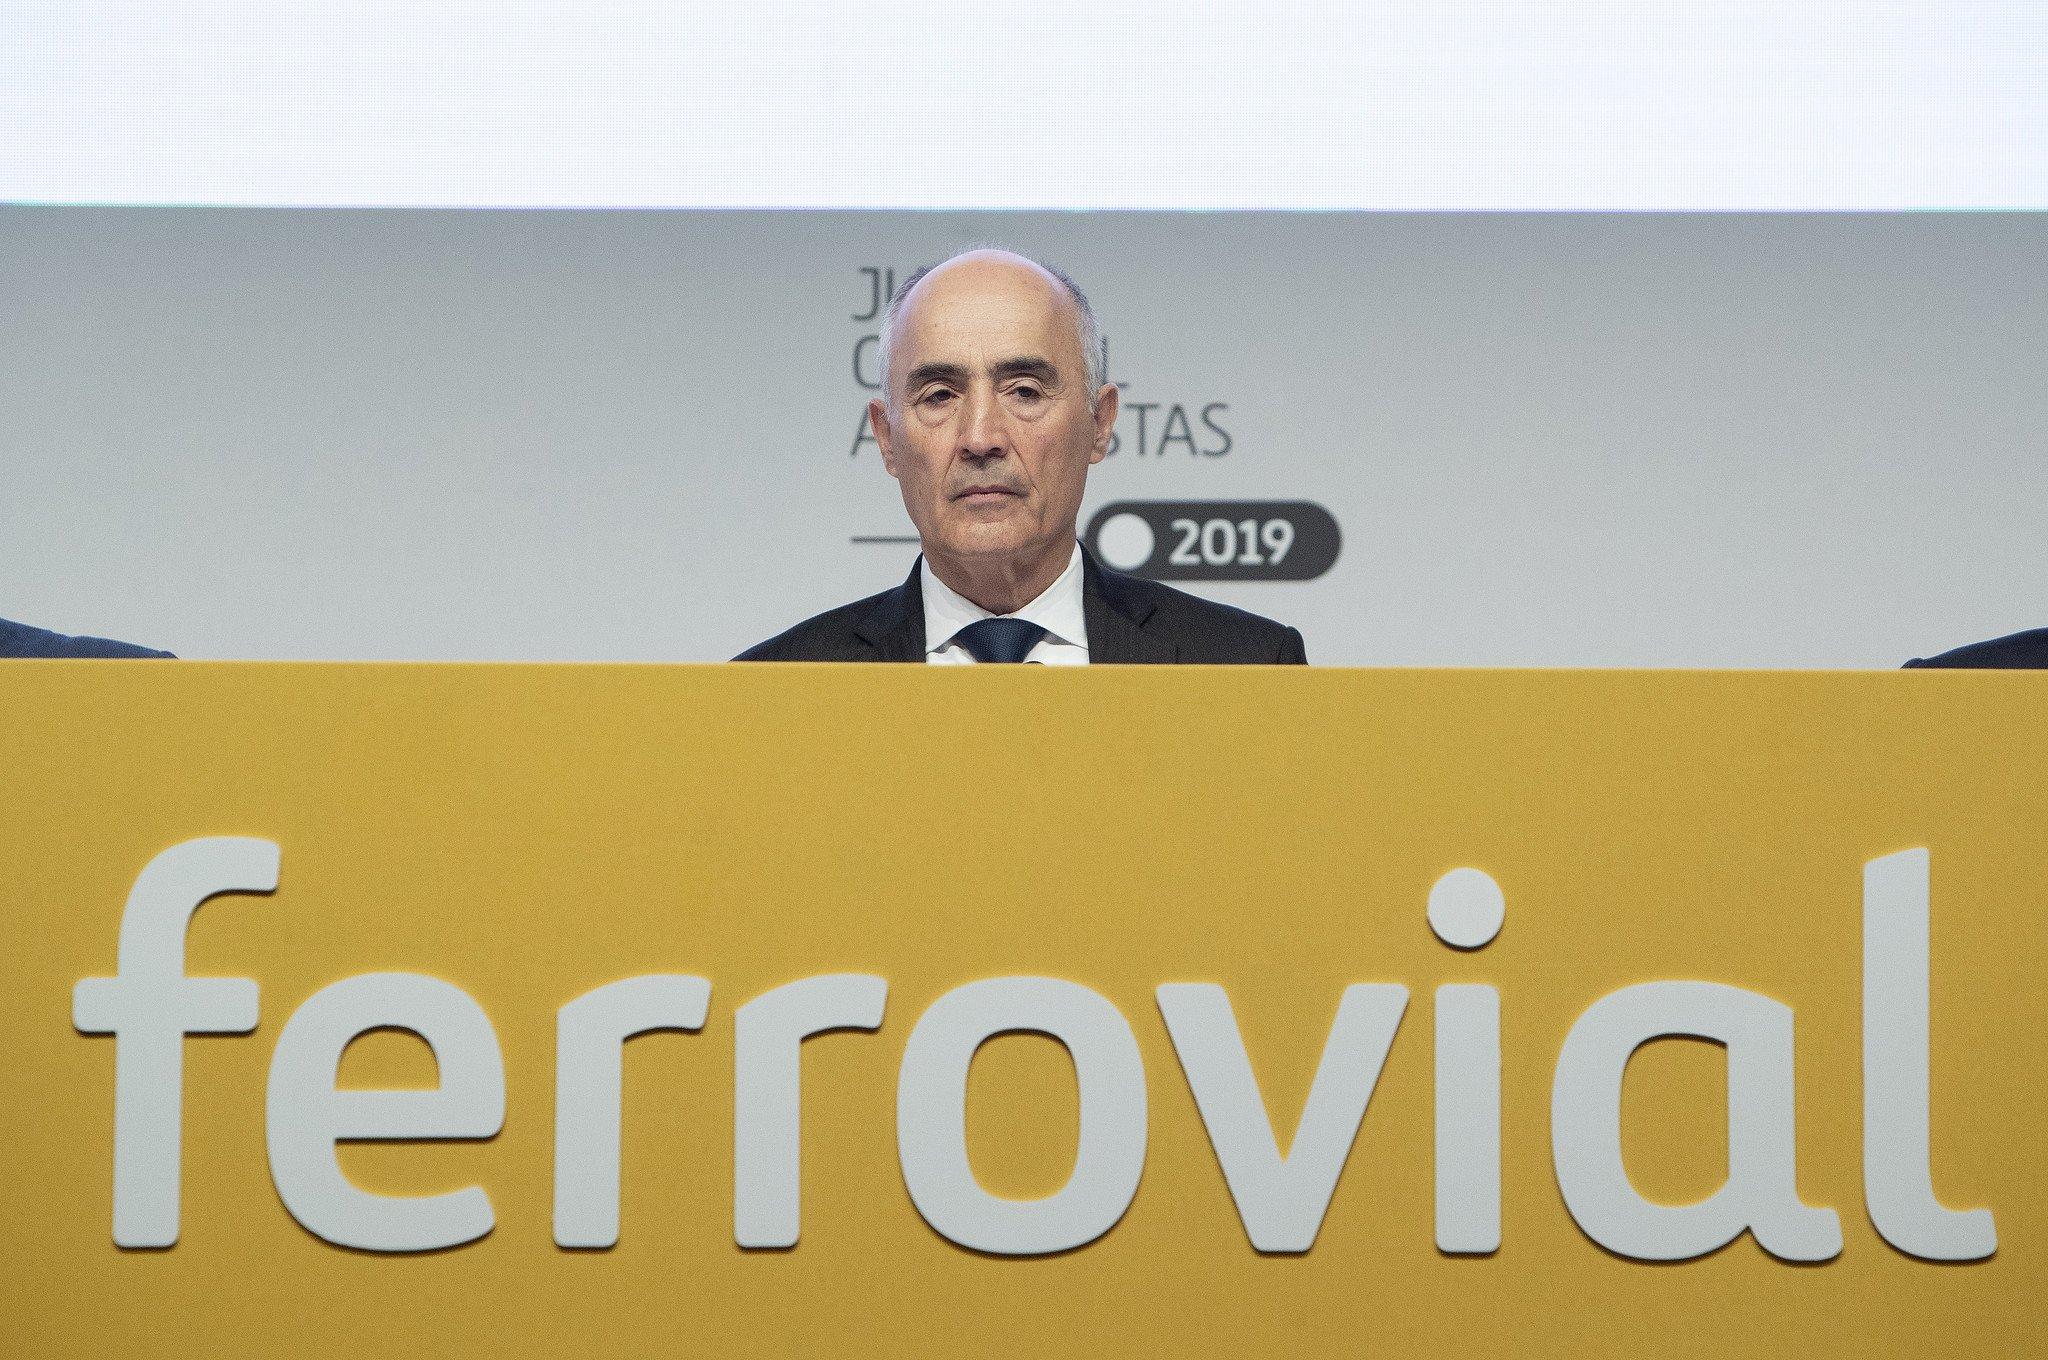 El presidente de Ferrovial, Rafael del Pino, deberá estar muy atento a la deuda de la compañía